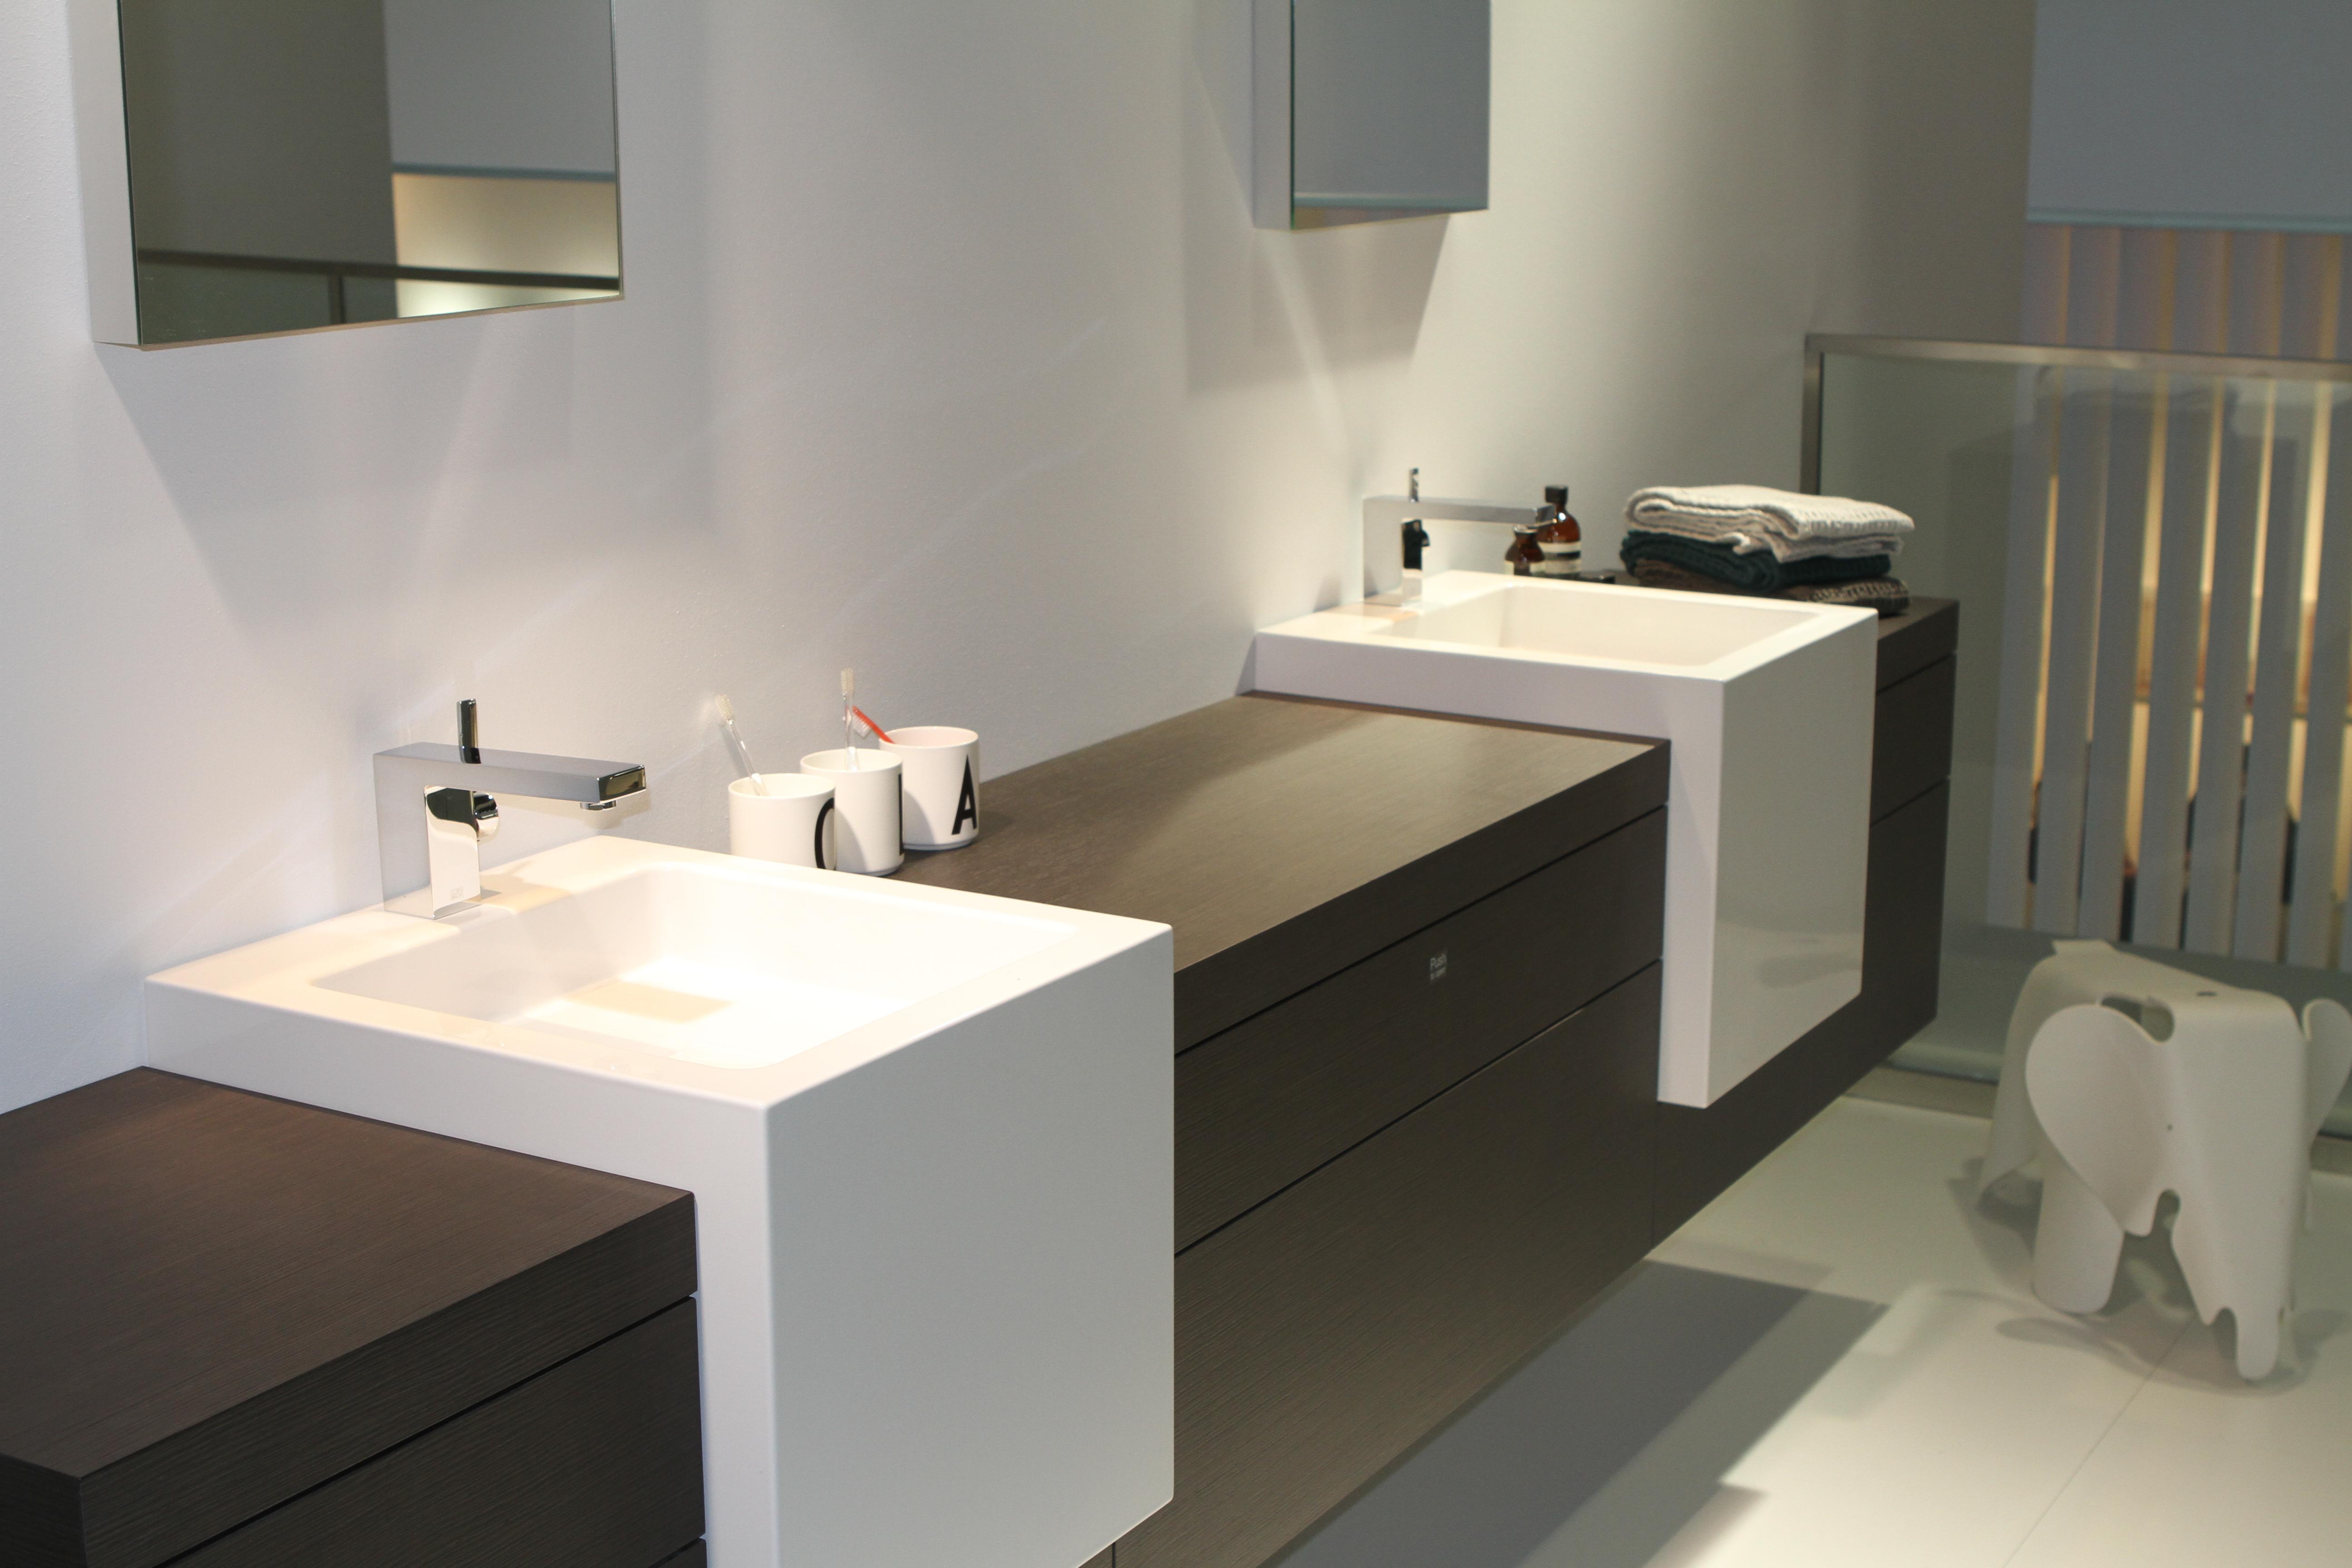 Reece Bathroom Cabinets Reece Ish Trend Report